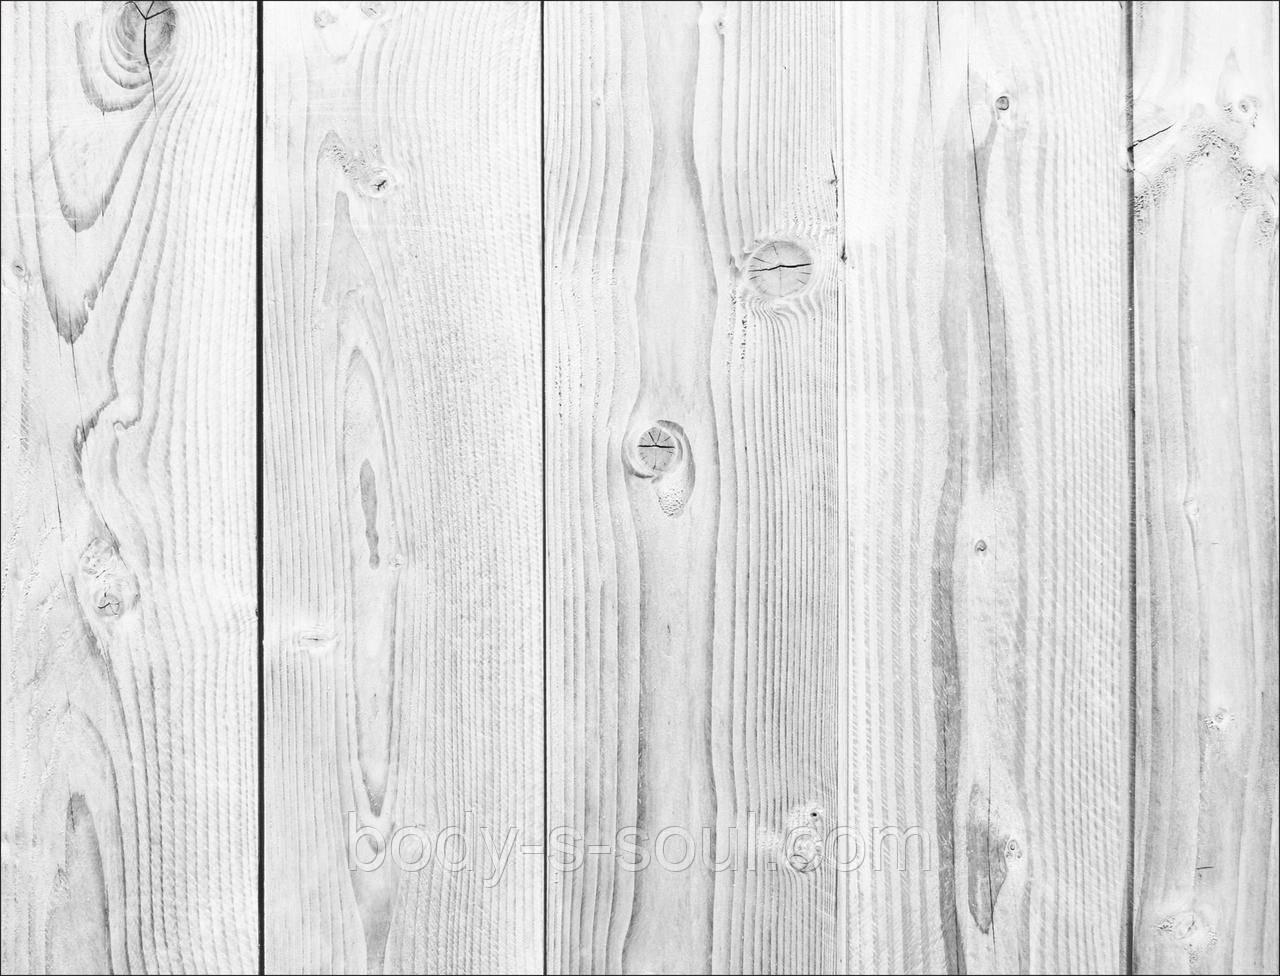 Фотофон виниловый, белые доски